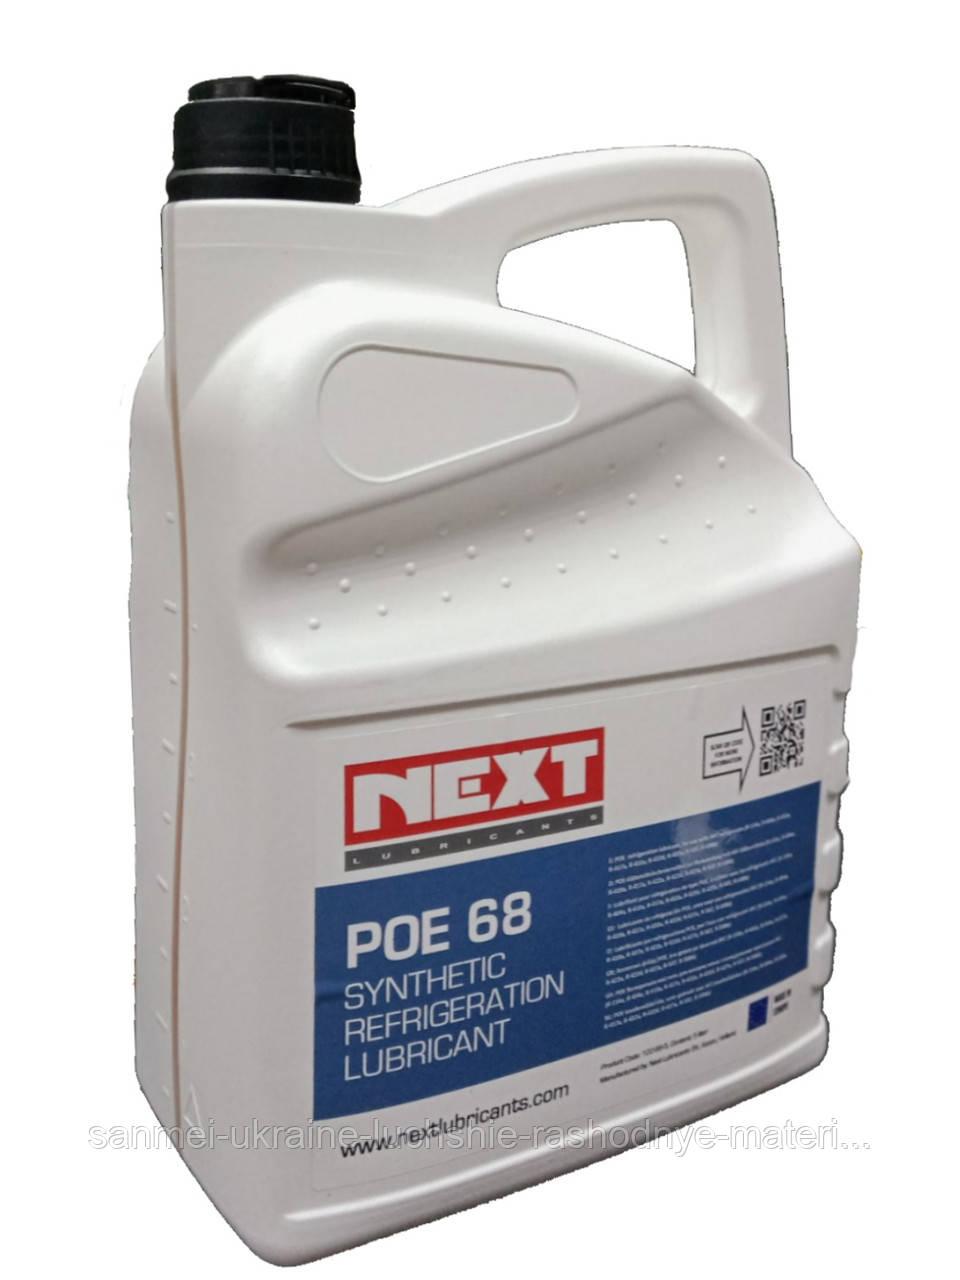 Синтетическое холодильное масло POE 68, NEXT,Ассен, Нидерланды, 5 литров